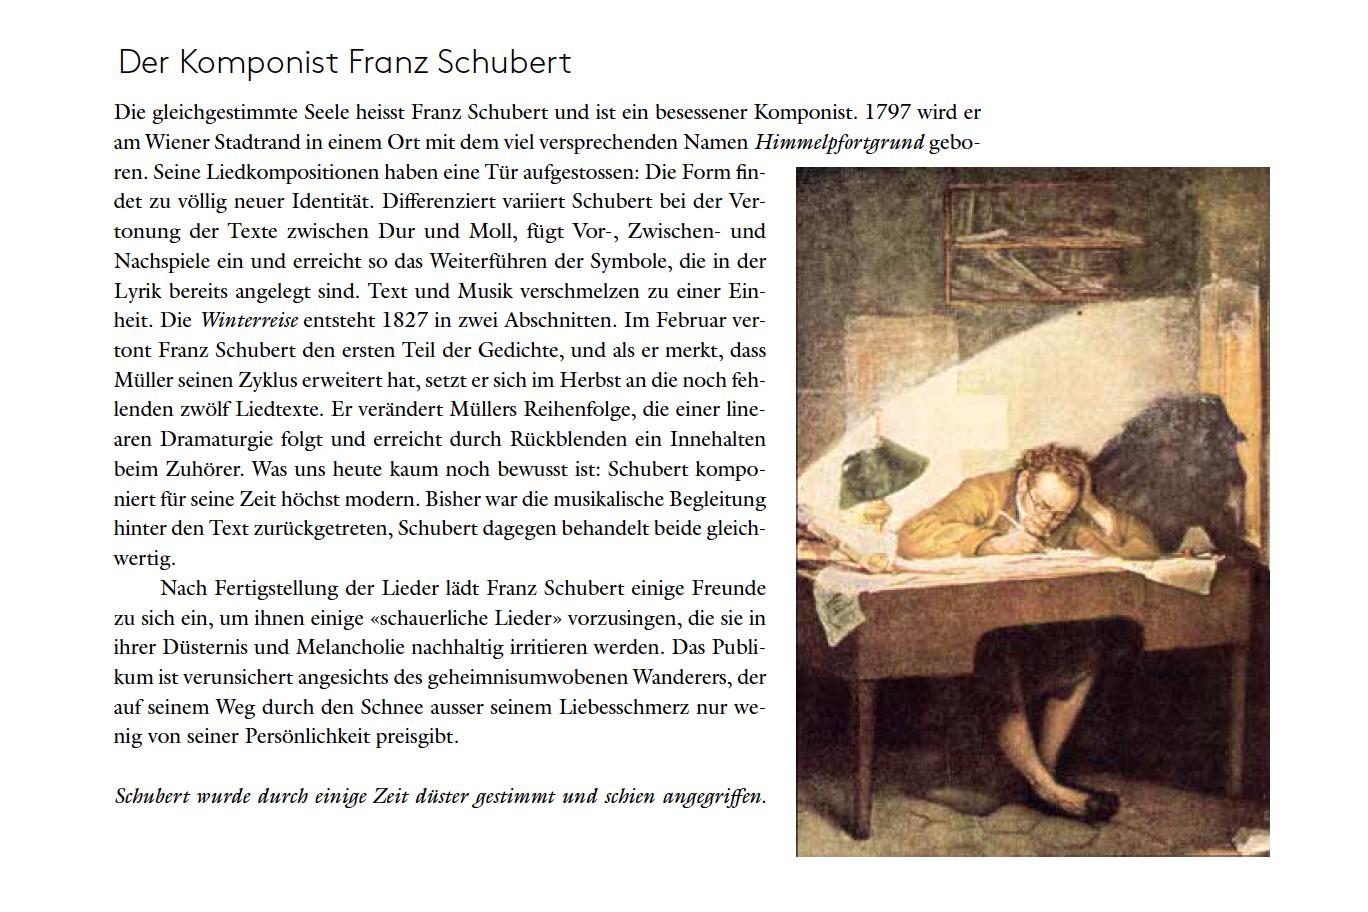 Der Komponist Franz Schubert